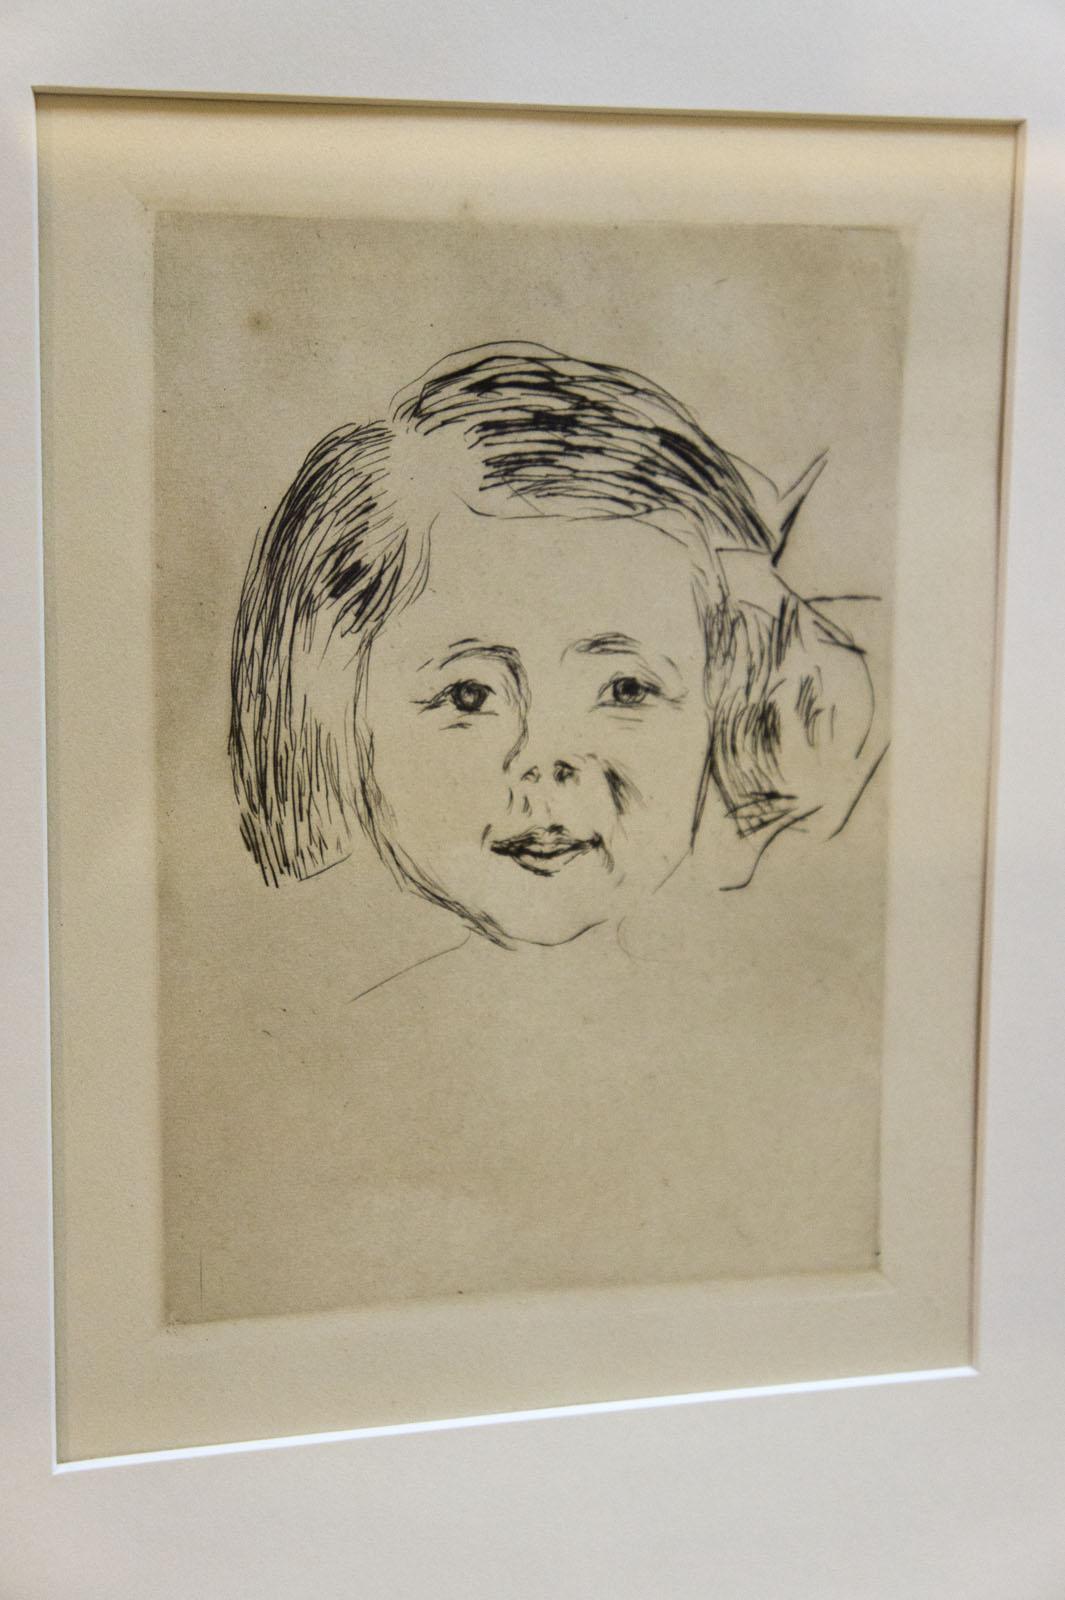 Фото №76492. Детская голова. 1908, Эдвард Мунк (1863-1944)